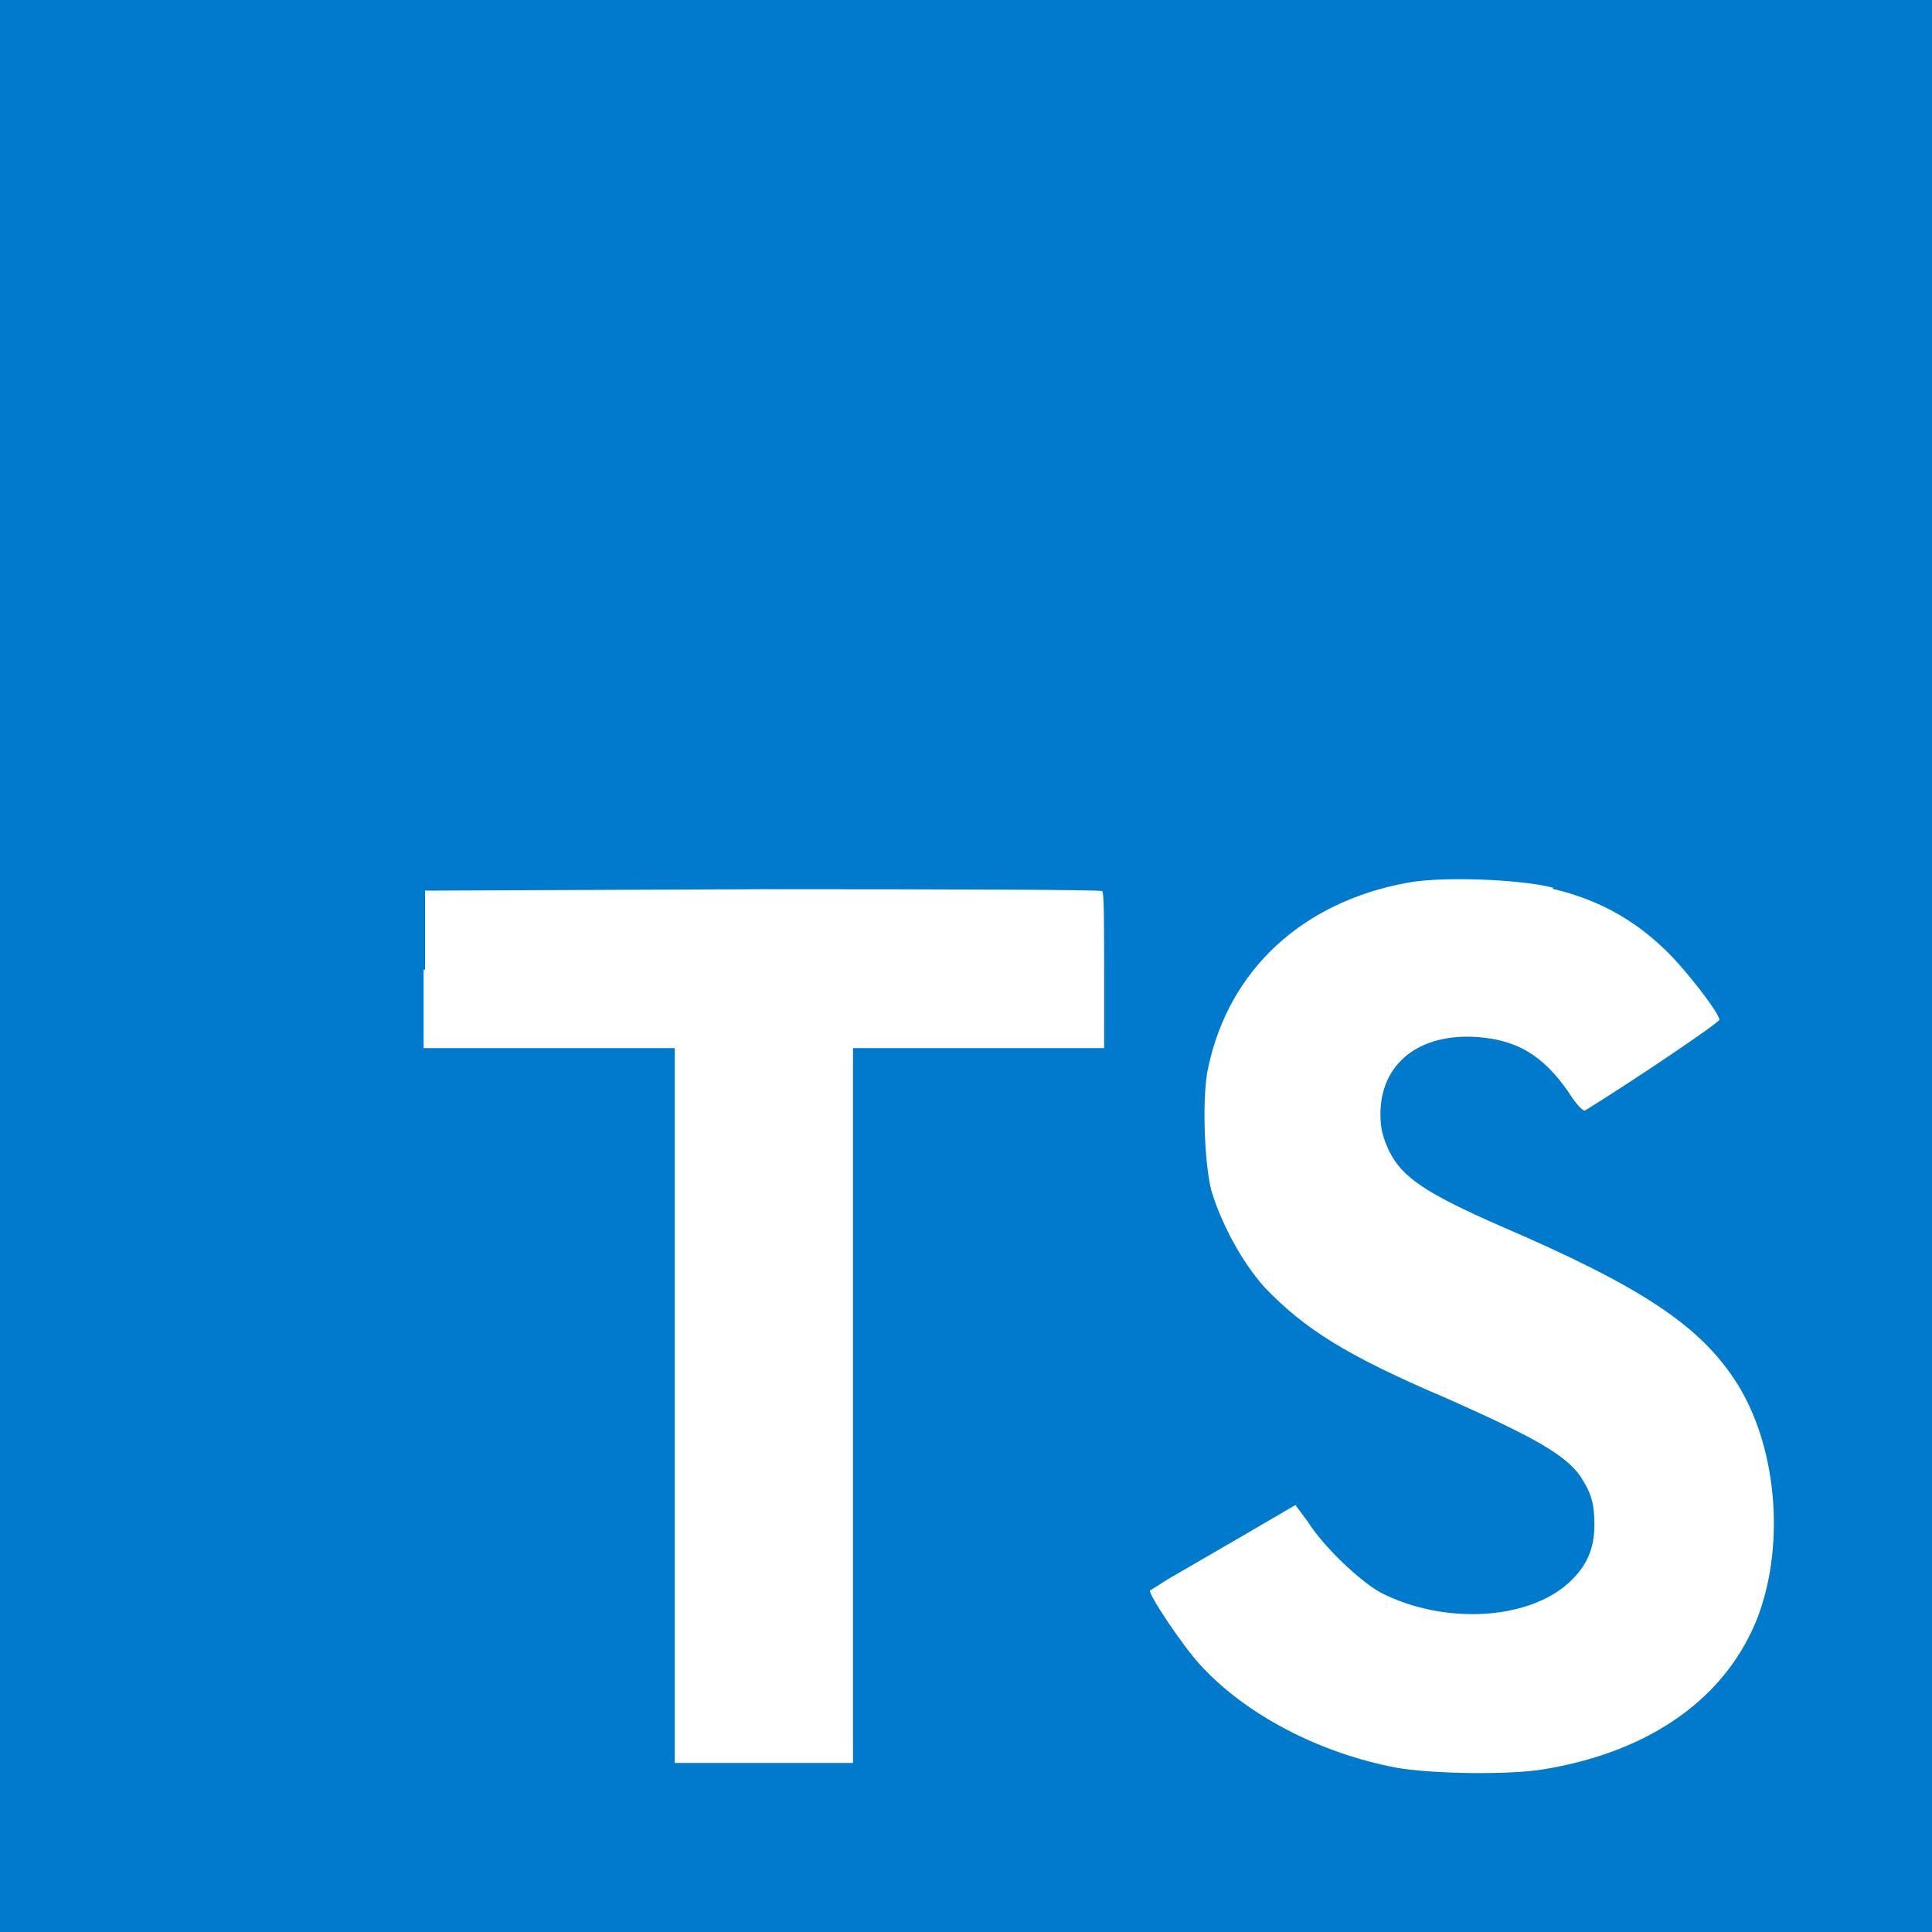 TypeScriptLogo